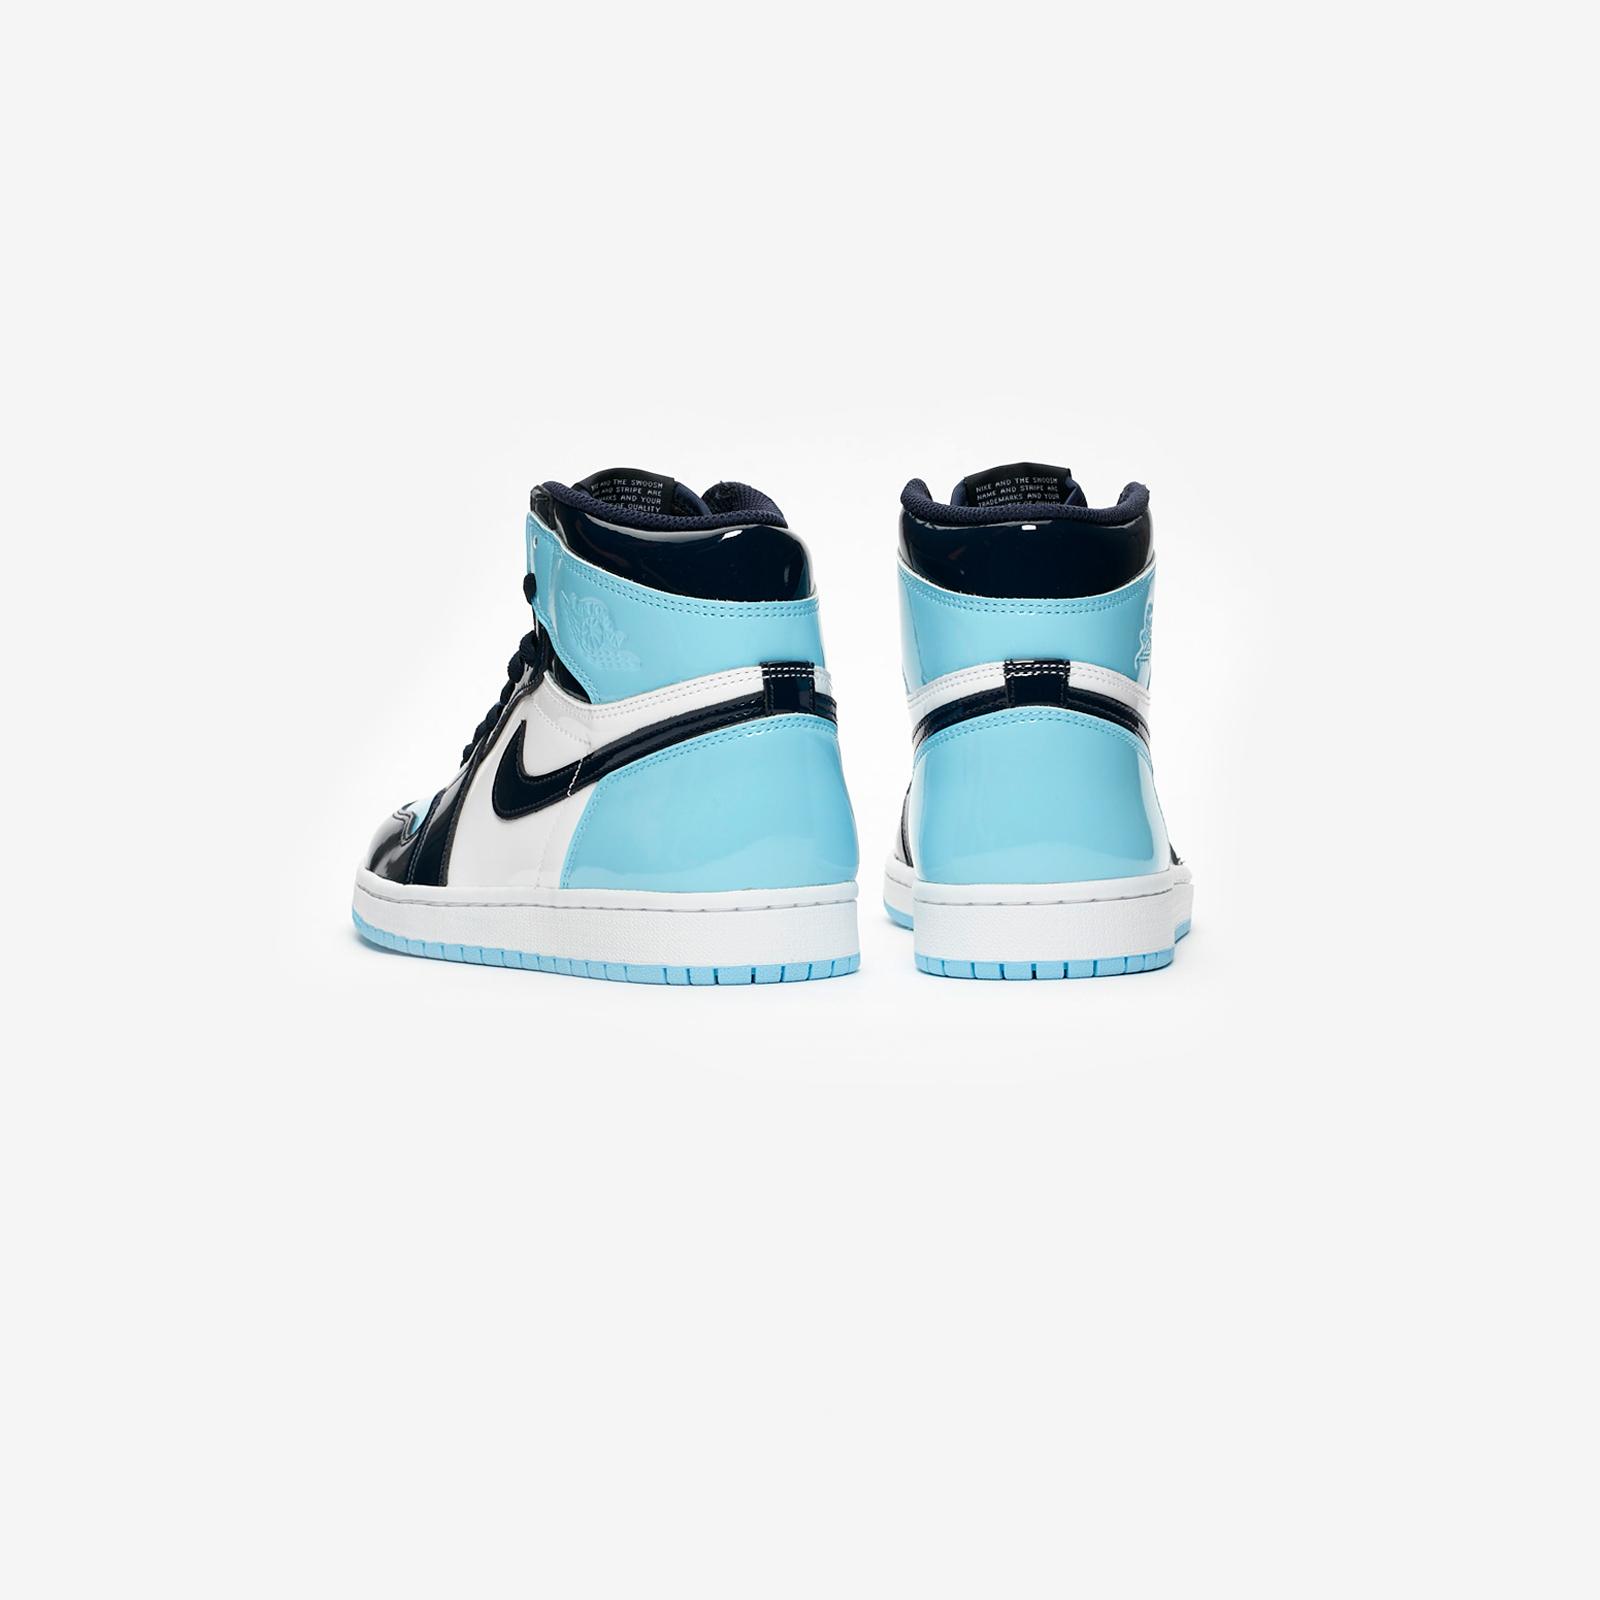 Jordan Brand Wmns Air Jordan 1 High Og Cd0461 401